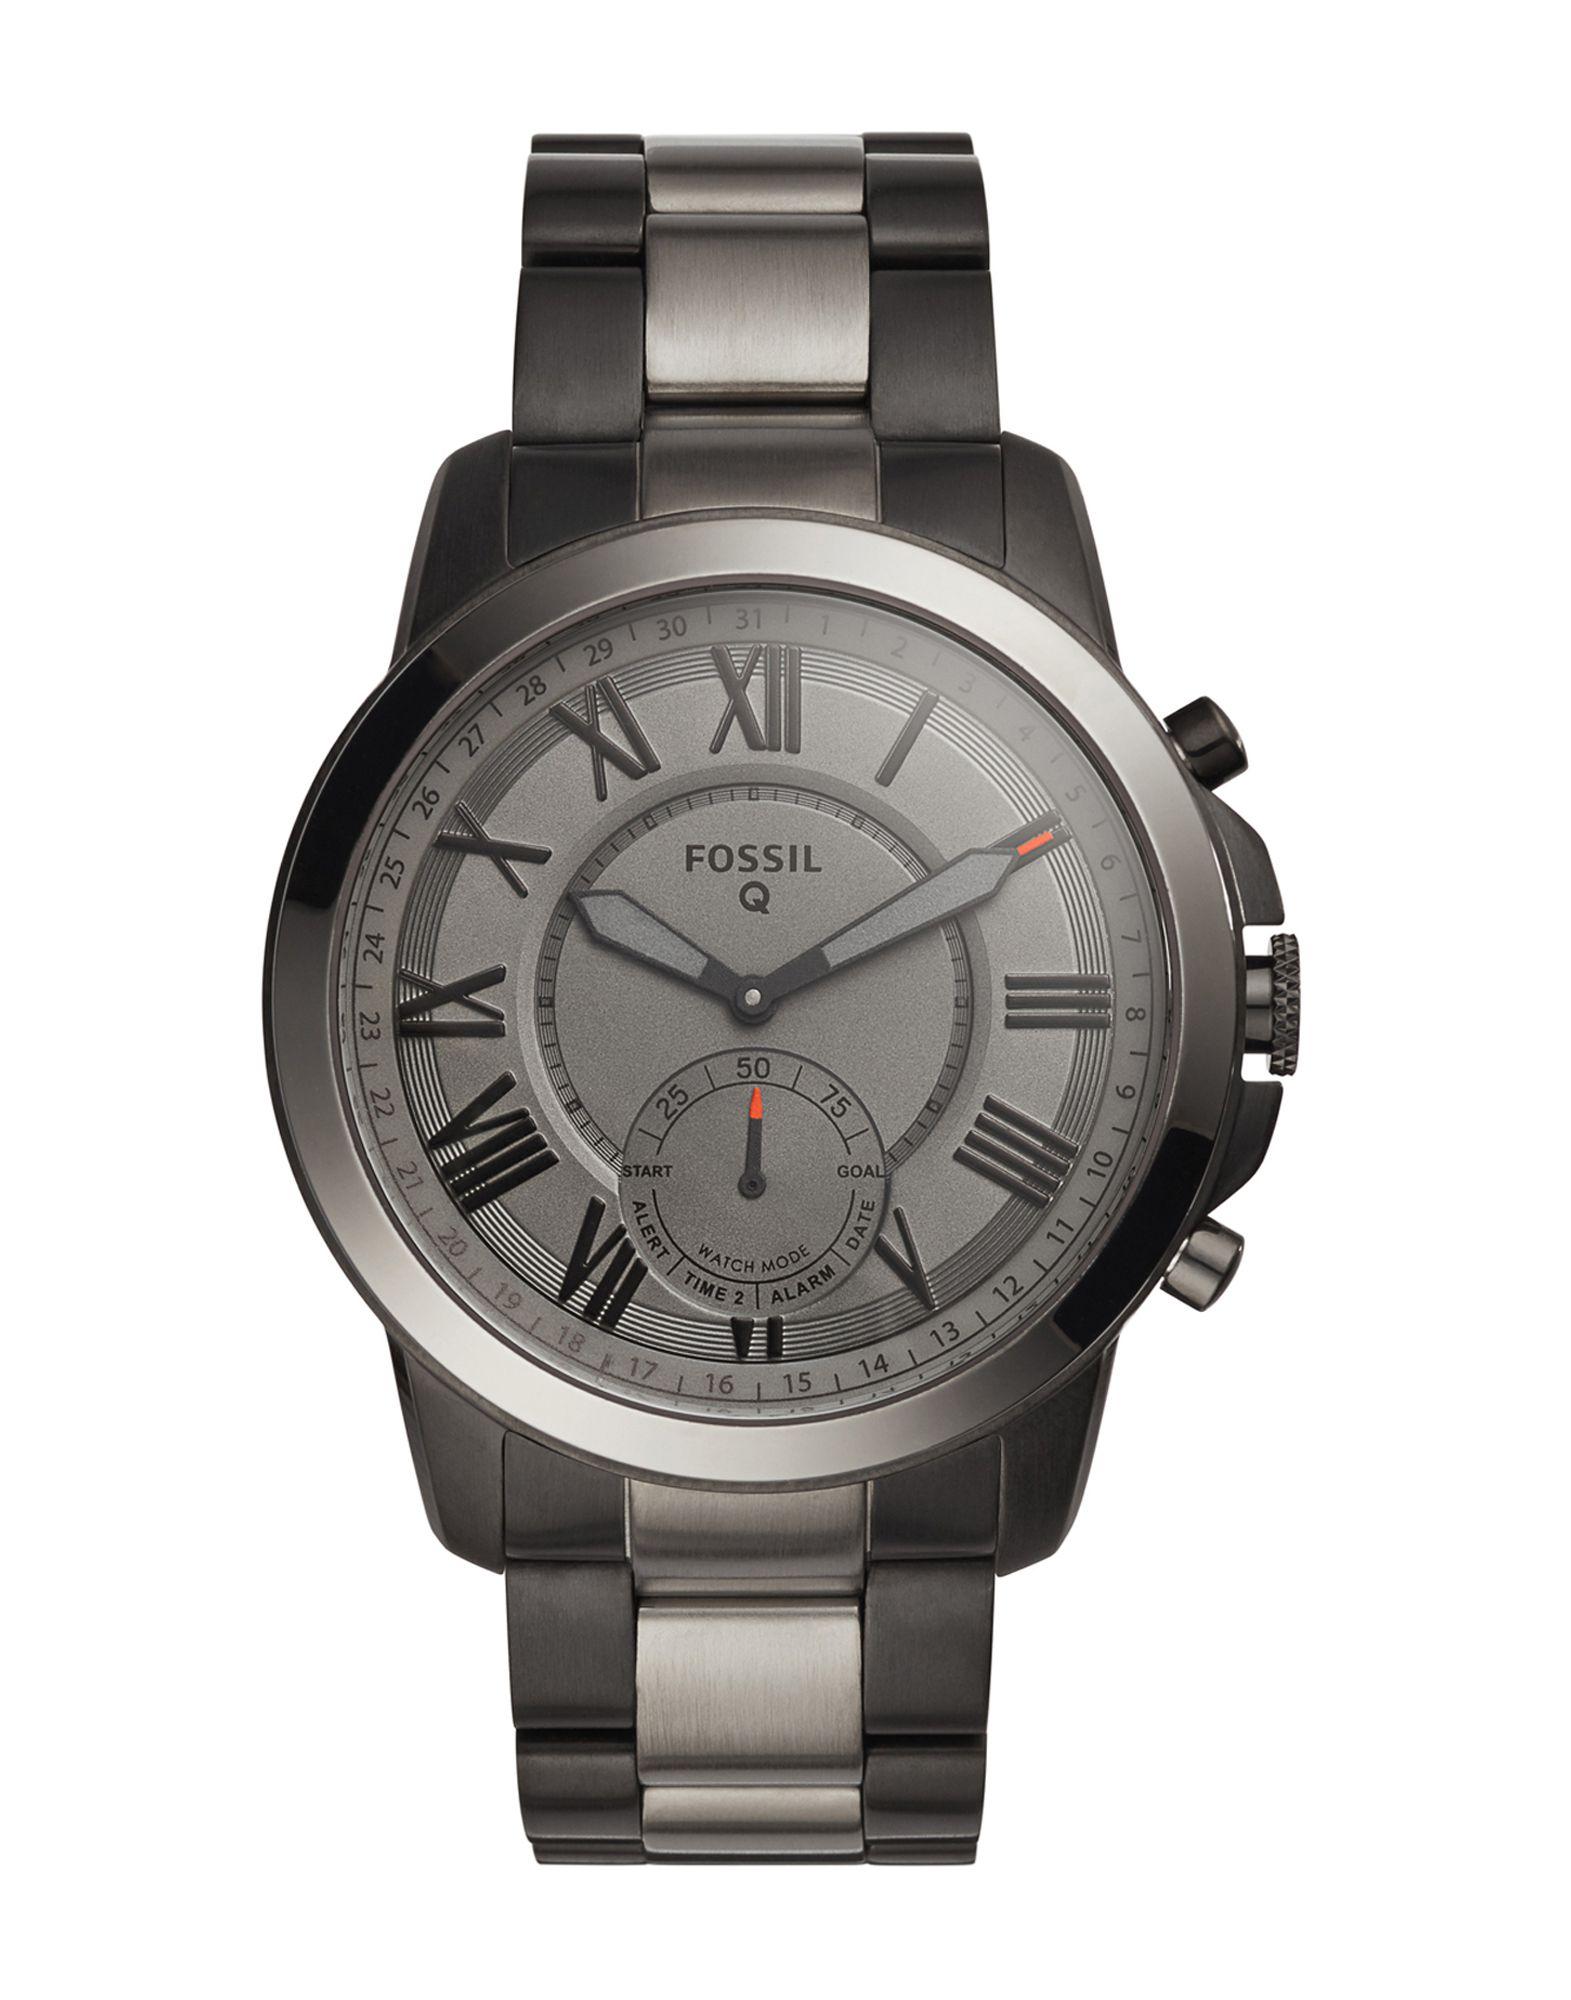 《送料無料》FOSSIL Q メンズ スマートウォッチ グレー ステンレススチール Q Grant Hybrid Smartwatch